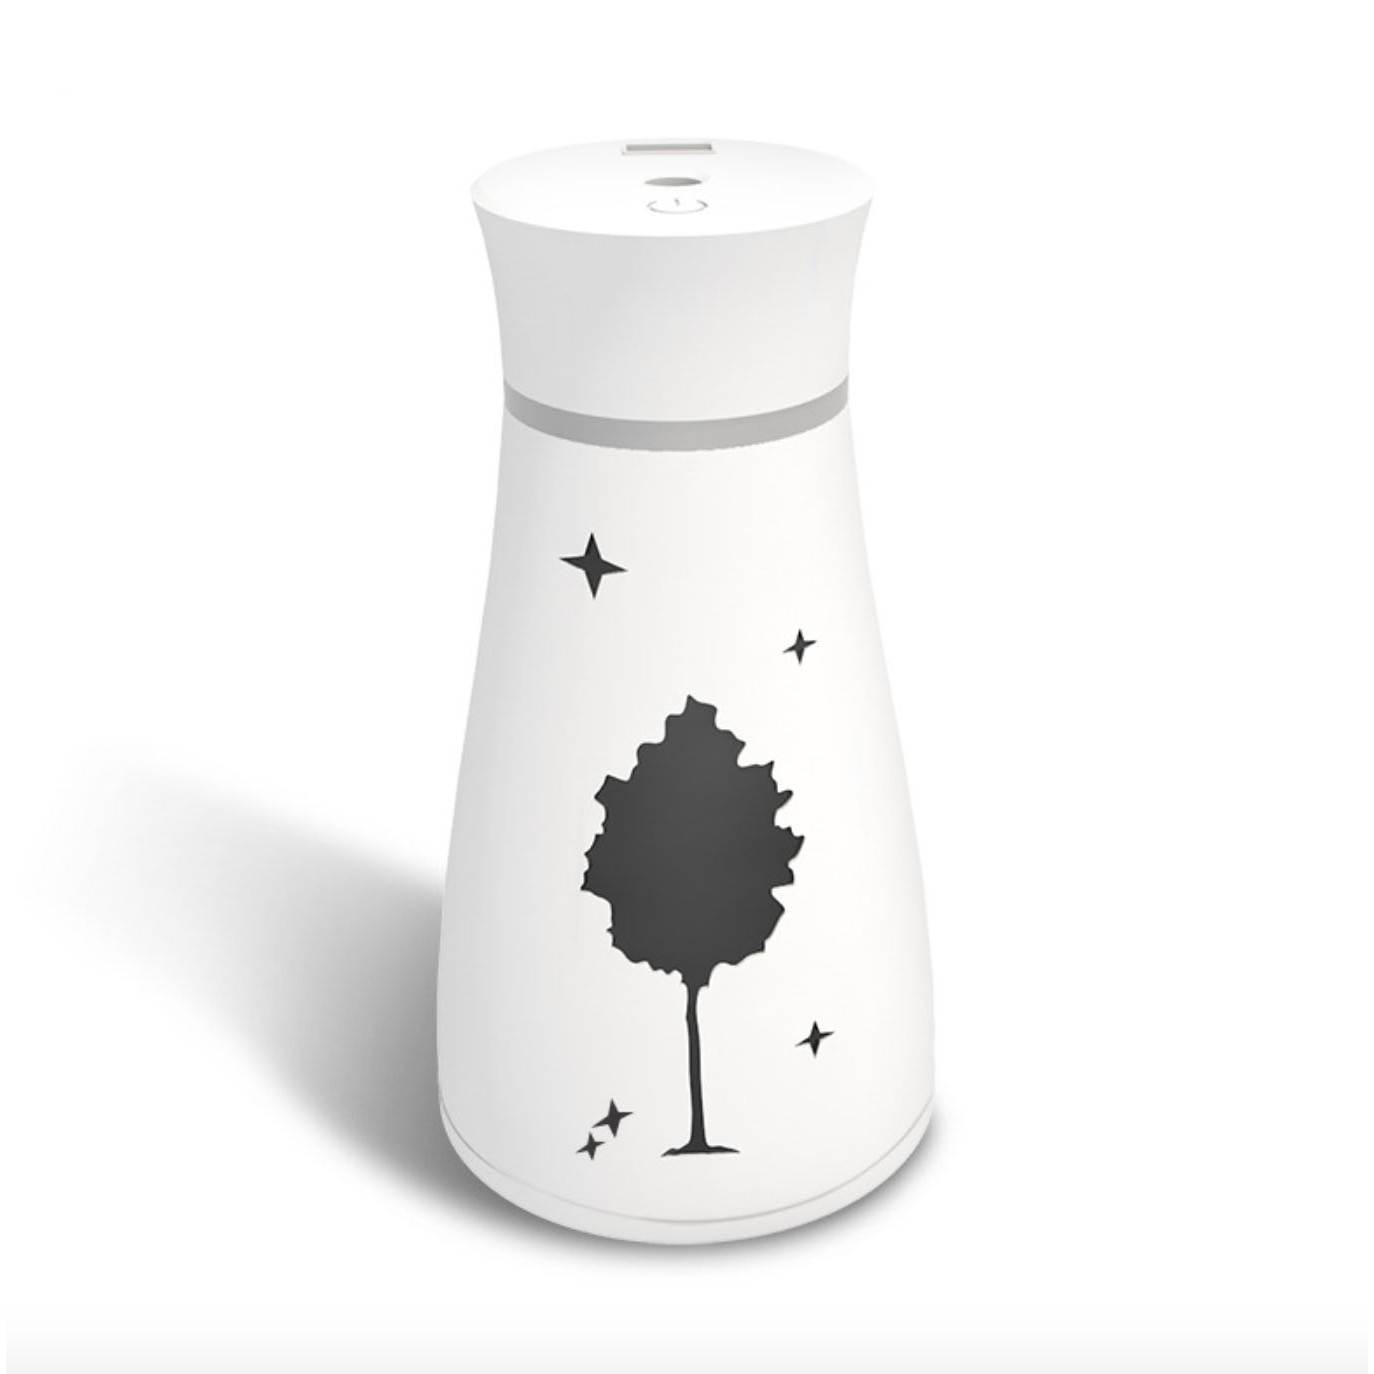 Máy phun sương tạo độ ẩm hình trụ bầu mini kèm quạt đèn led sạc usb họa tiết cây